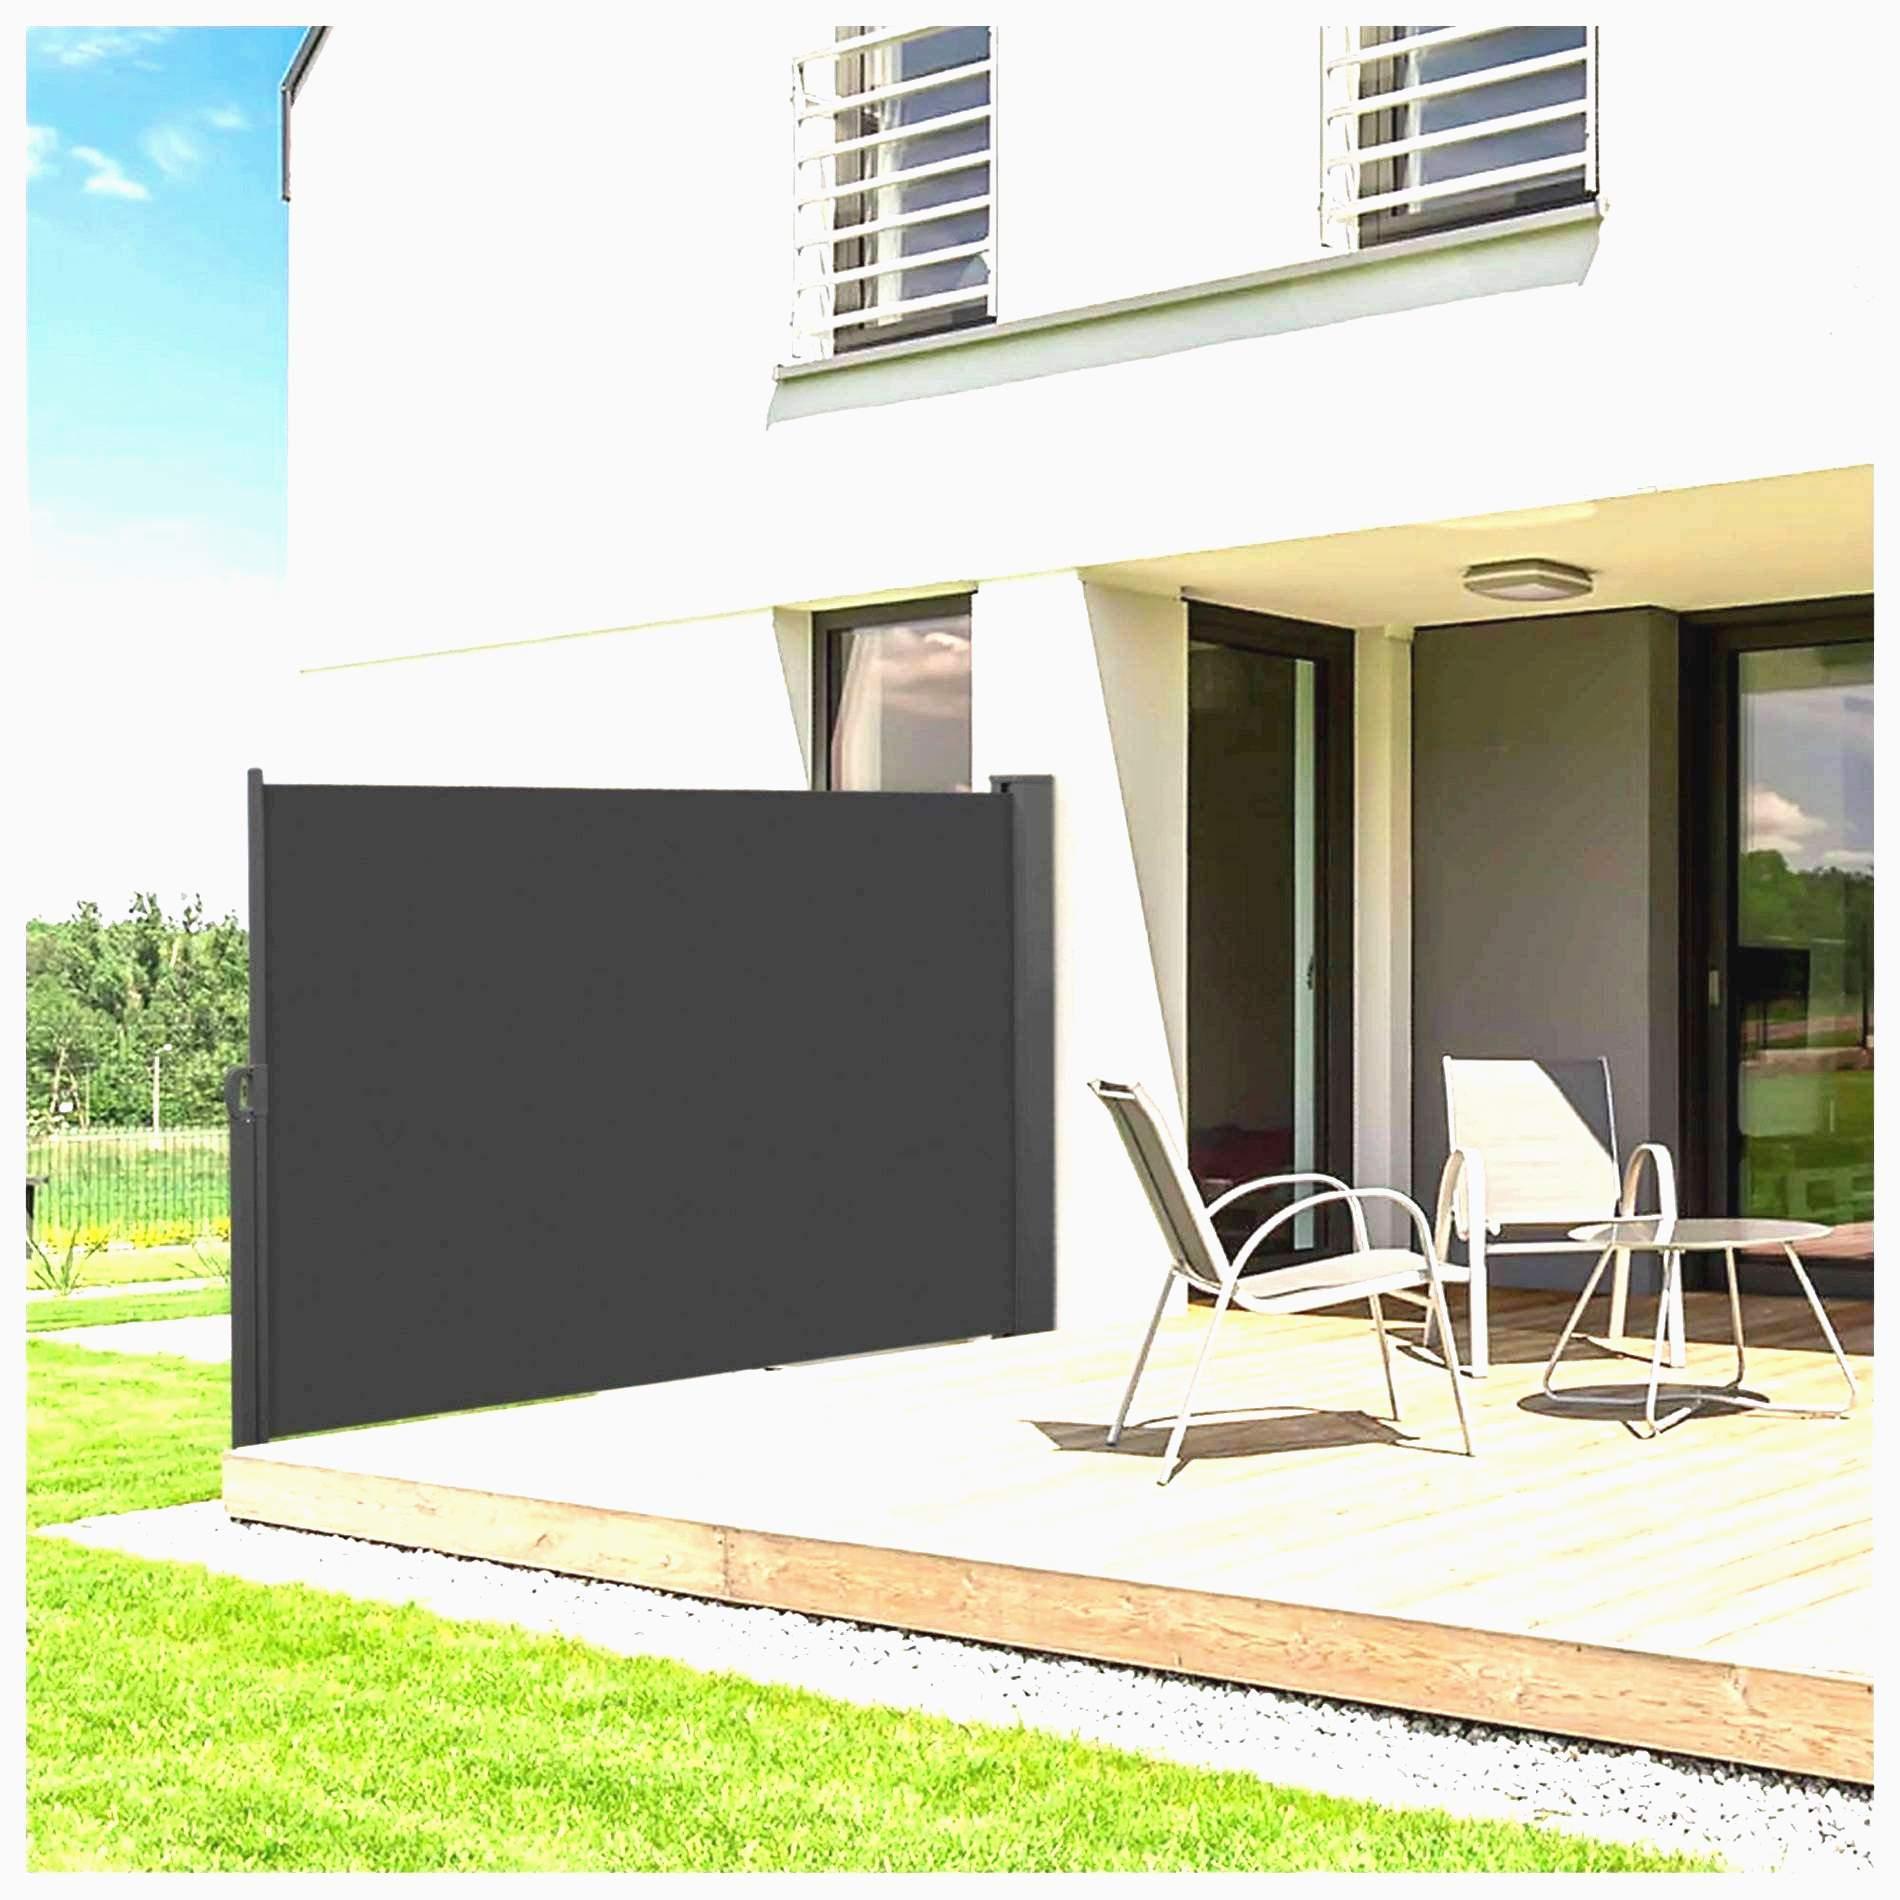 sichtschutz garten selber bauen luxus 37 schon sichtschutz wohnzimmer inspirierend of sichtschutz garten selber bauen